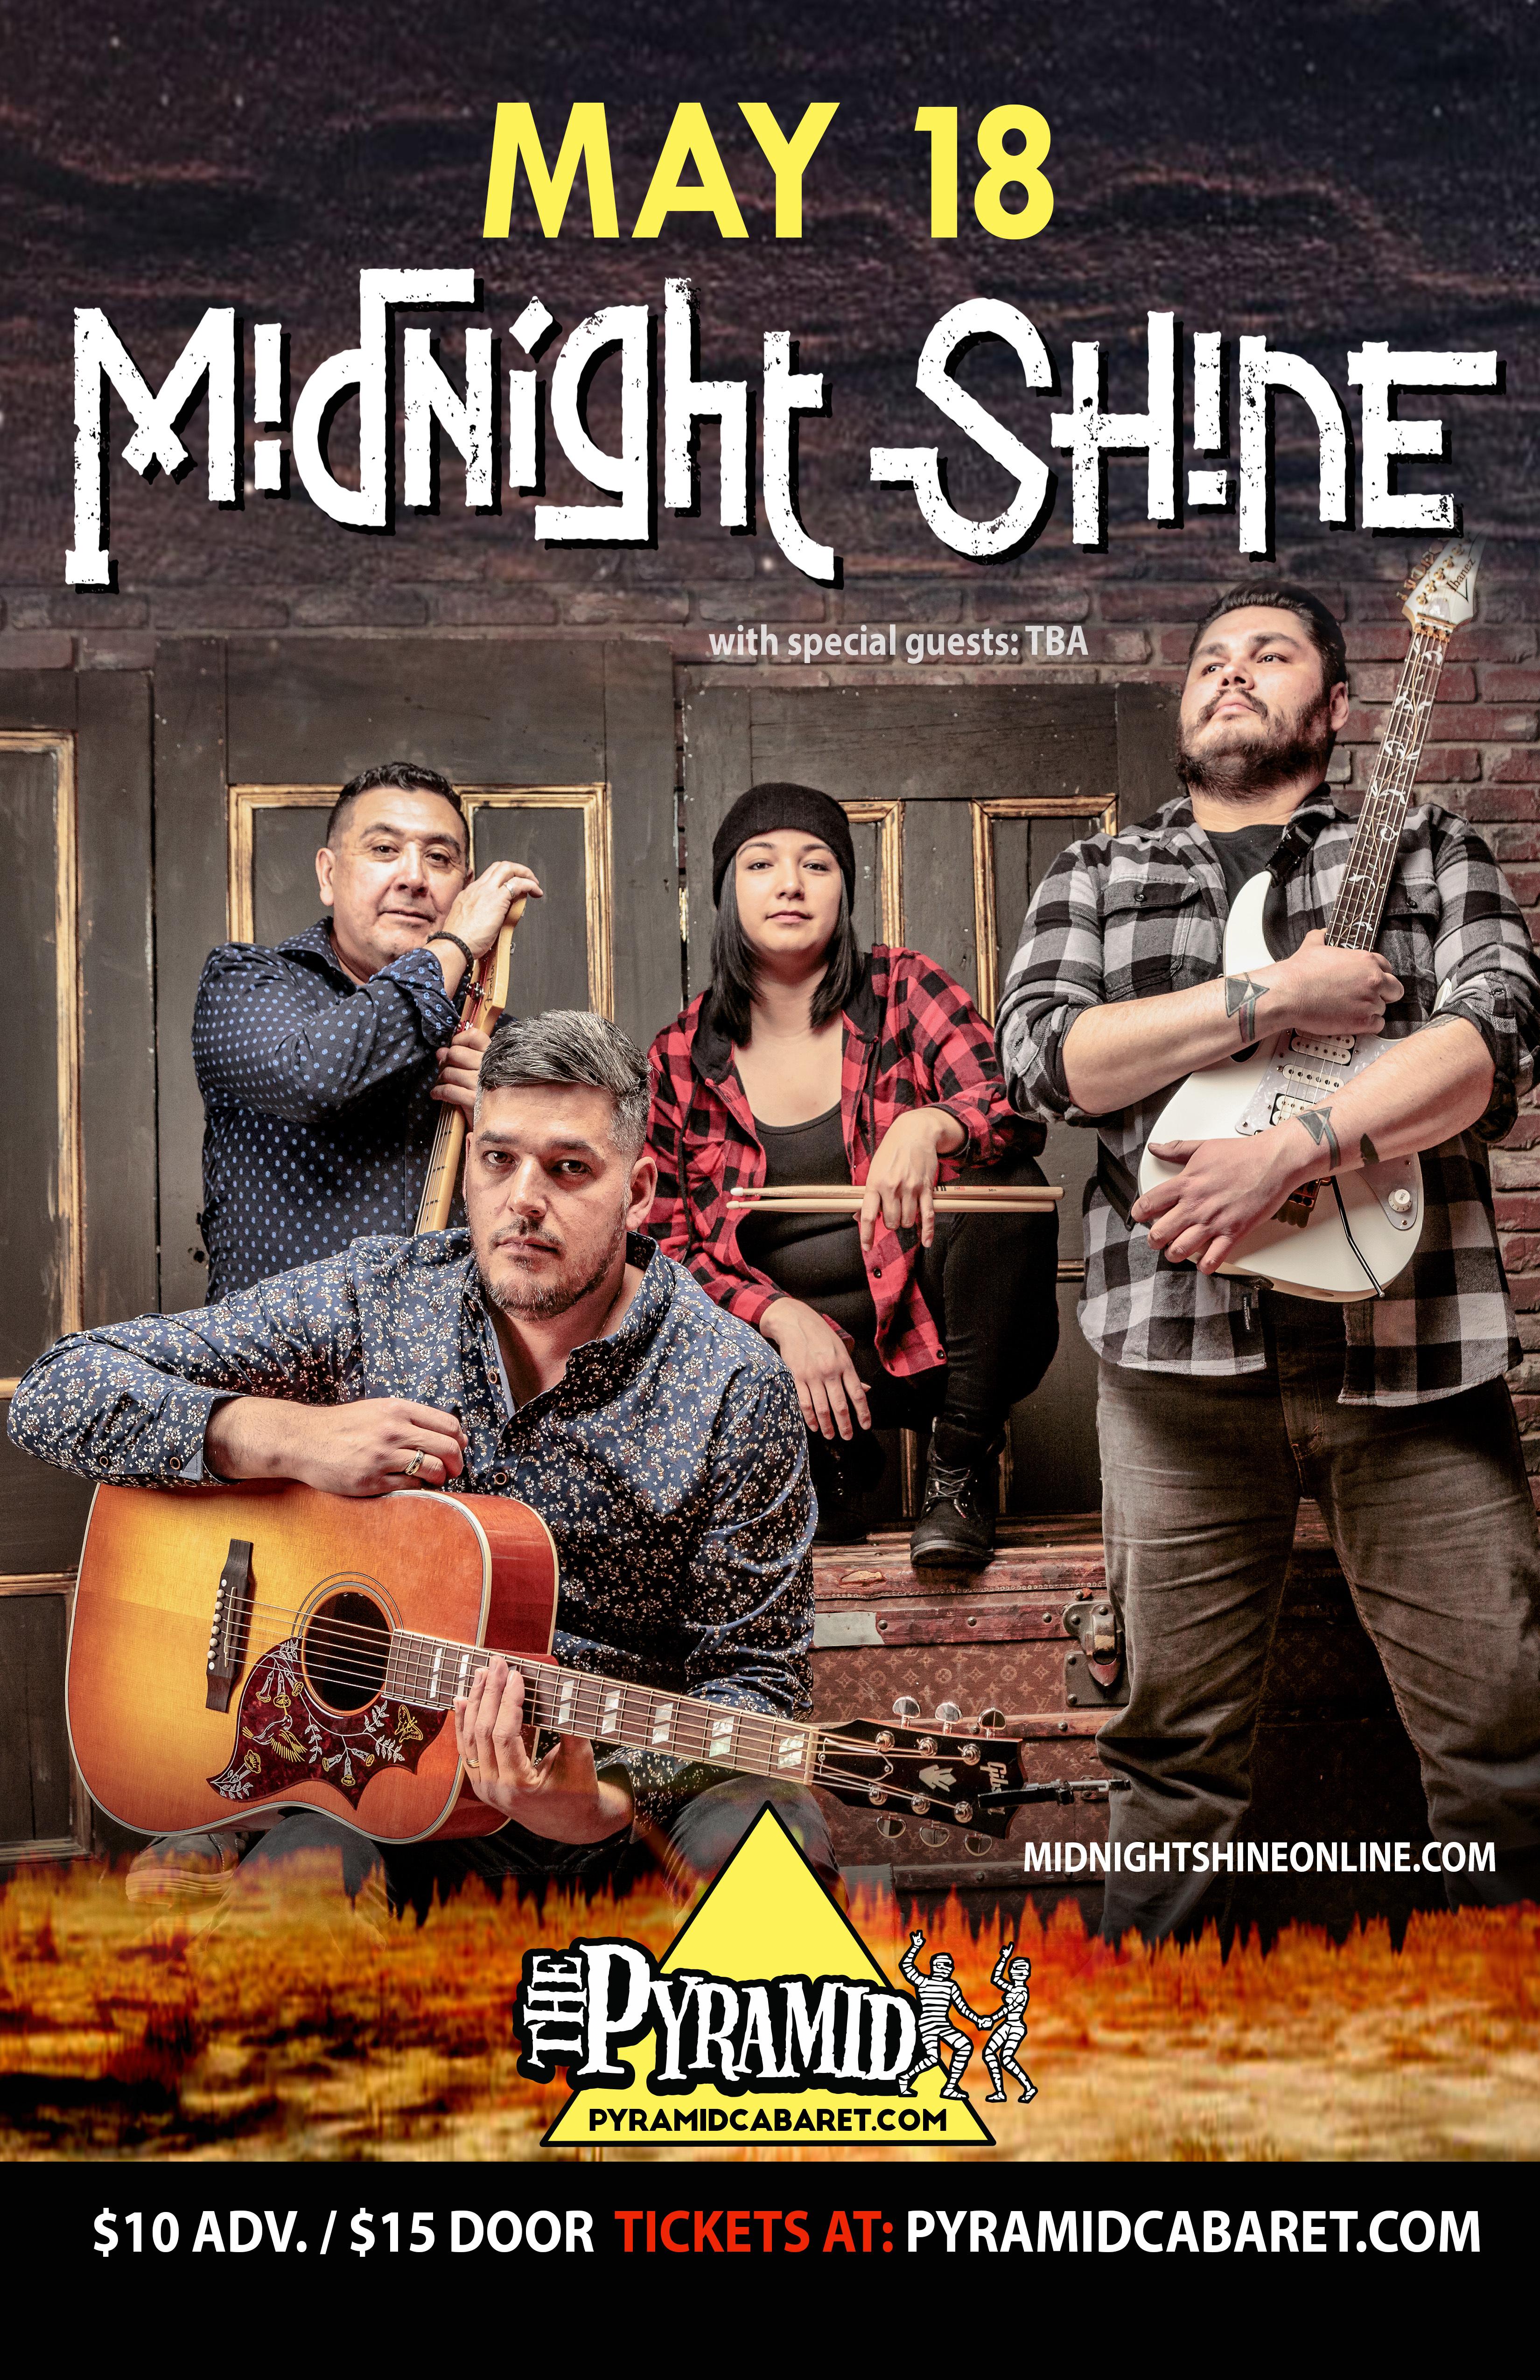 MIDNIGHT SHINE - MAY 18 - The Pyramid 00201